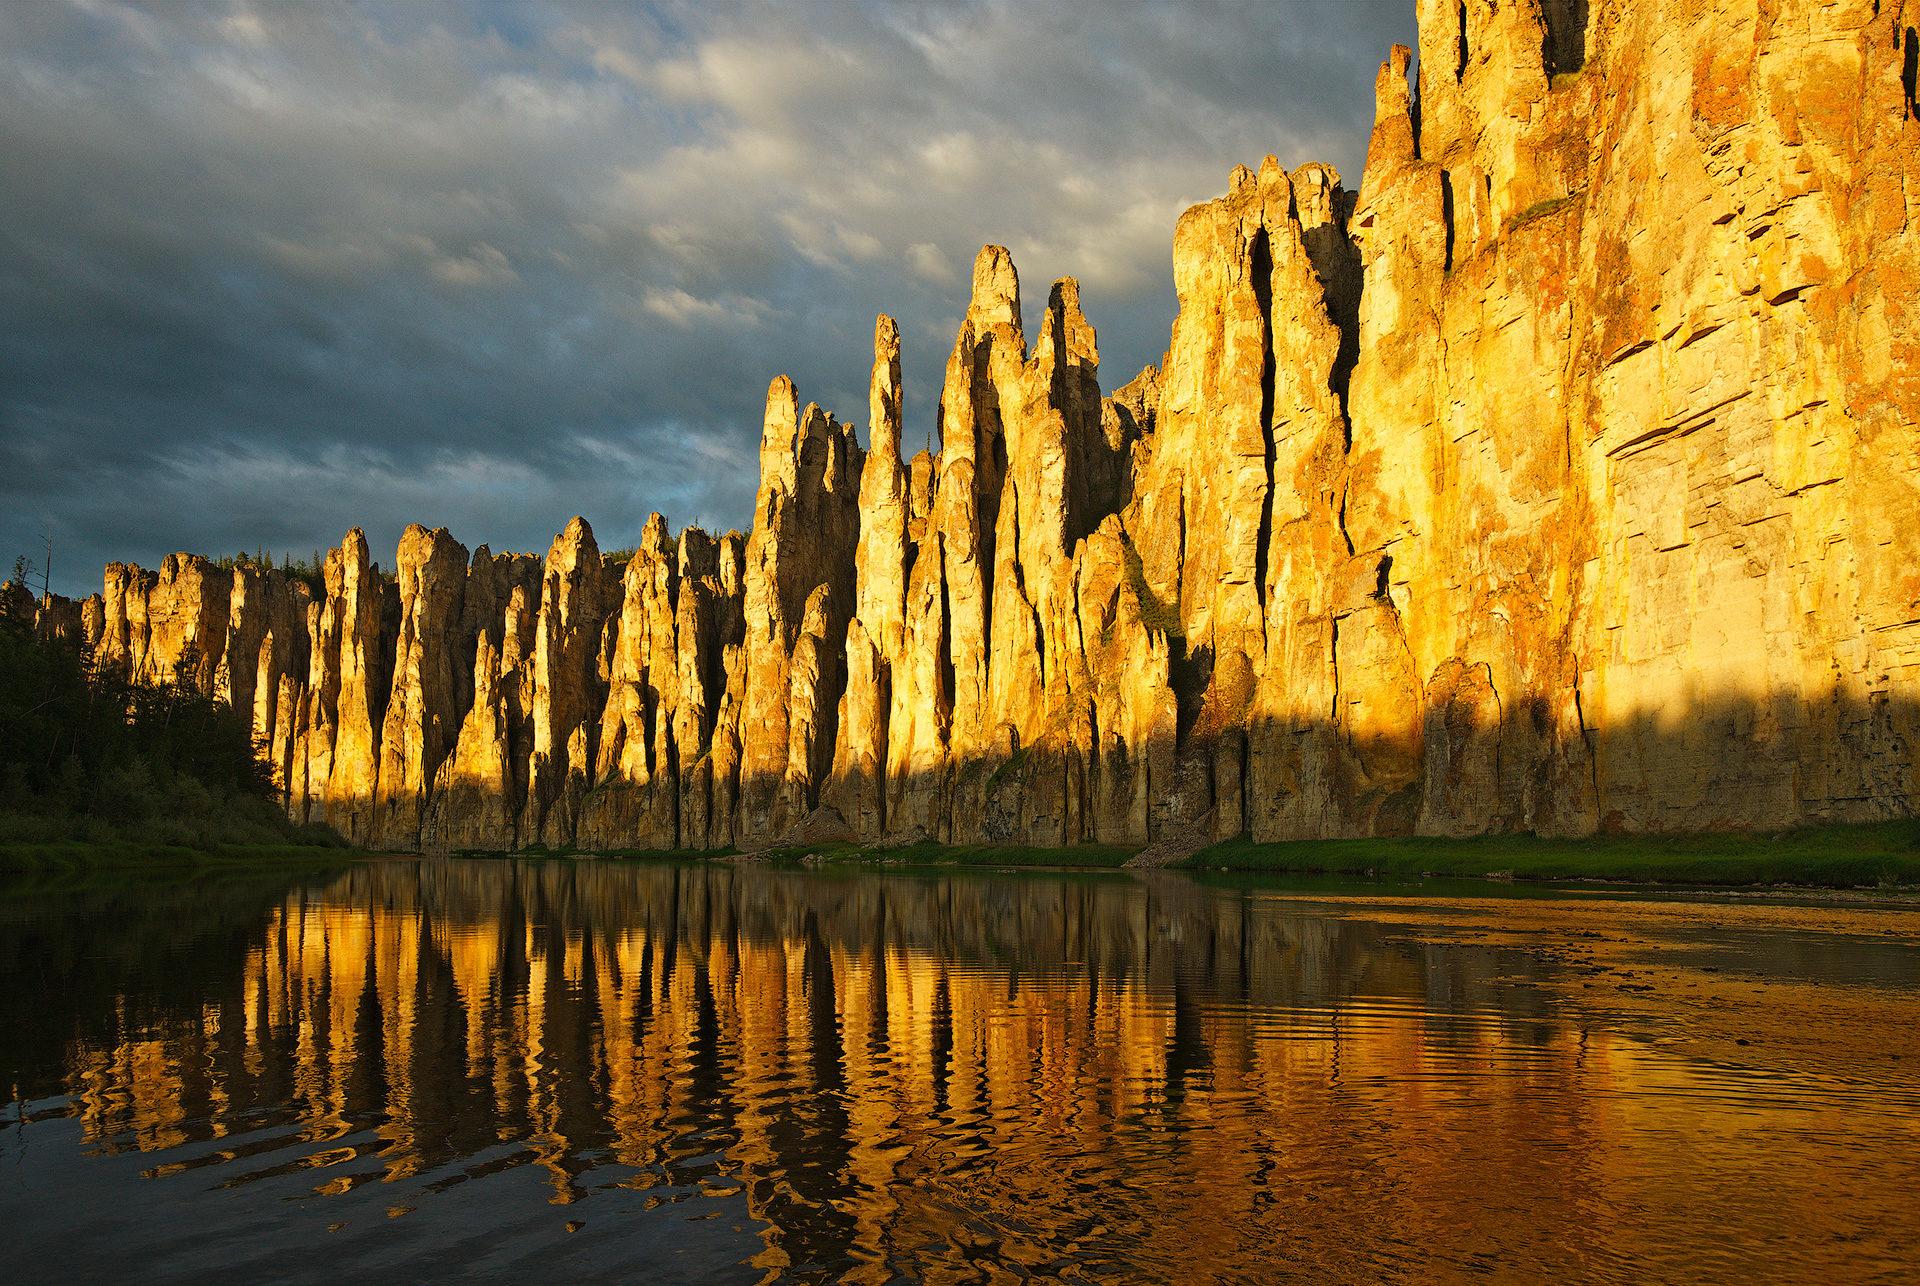 Природный парк «Ленские  столбы» вошел в список самых популярных у туристов мест